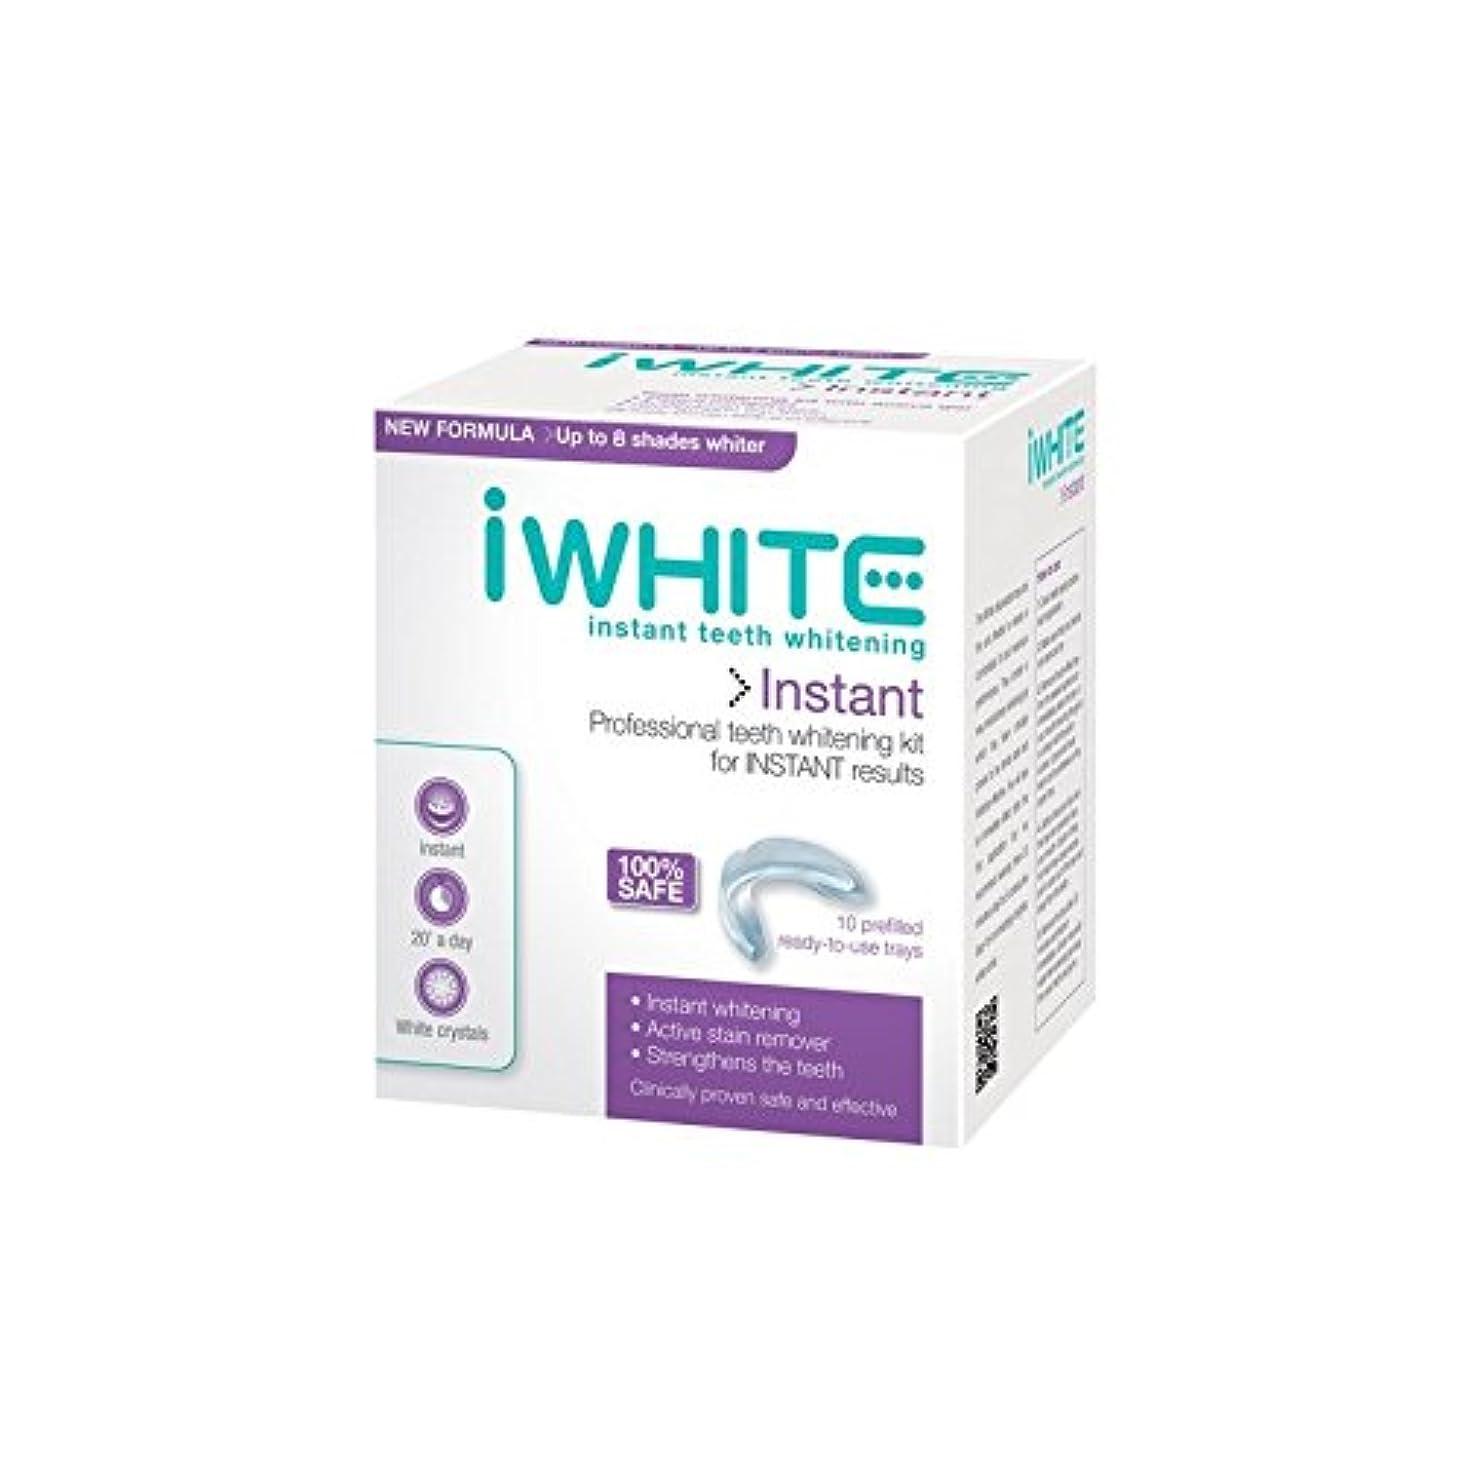 懺悔ロープふけるiWhite Instant Professional Teeth Whitening Kit (10 Trays) (Pack of 6) - キットを白くするインスタントプロの歯(10個のトレー) x6 [並行輸入品]